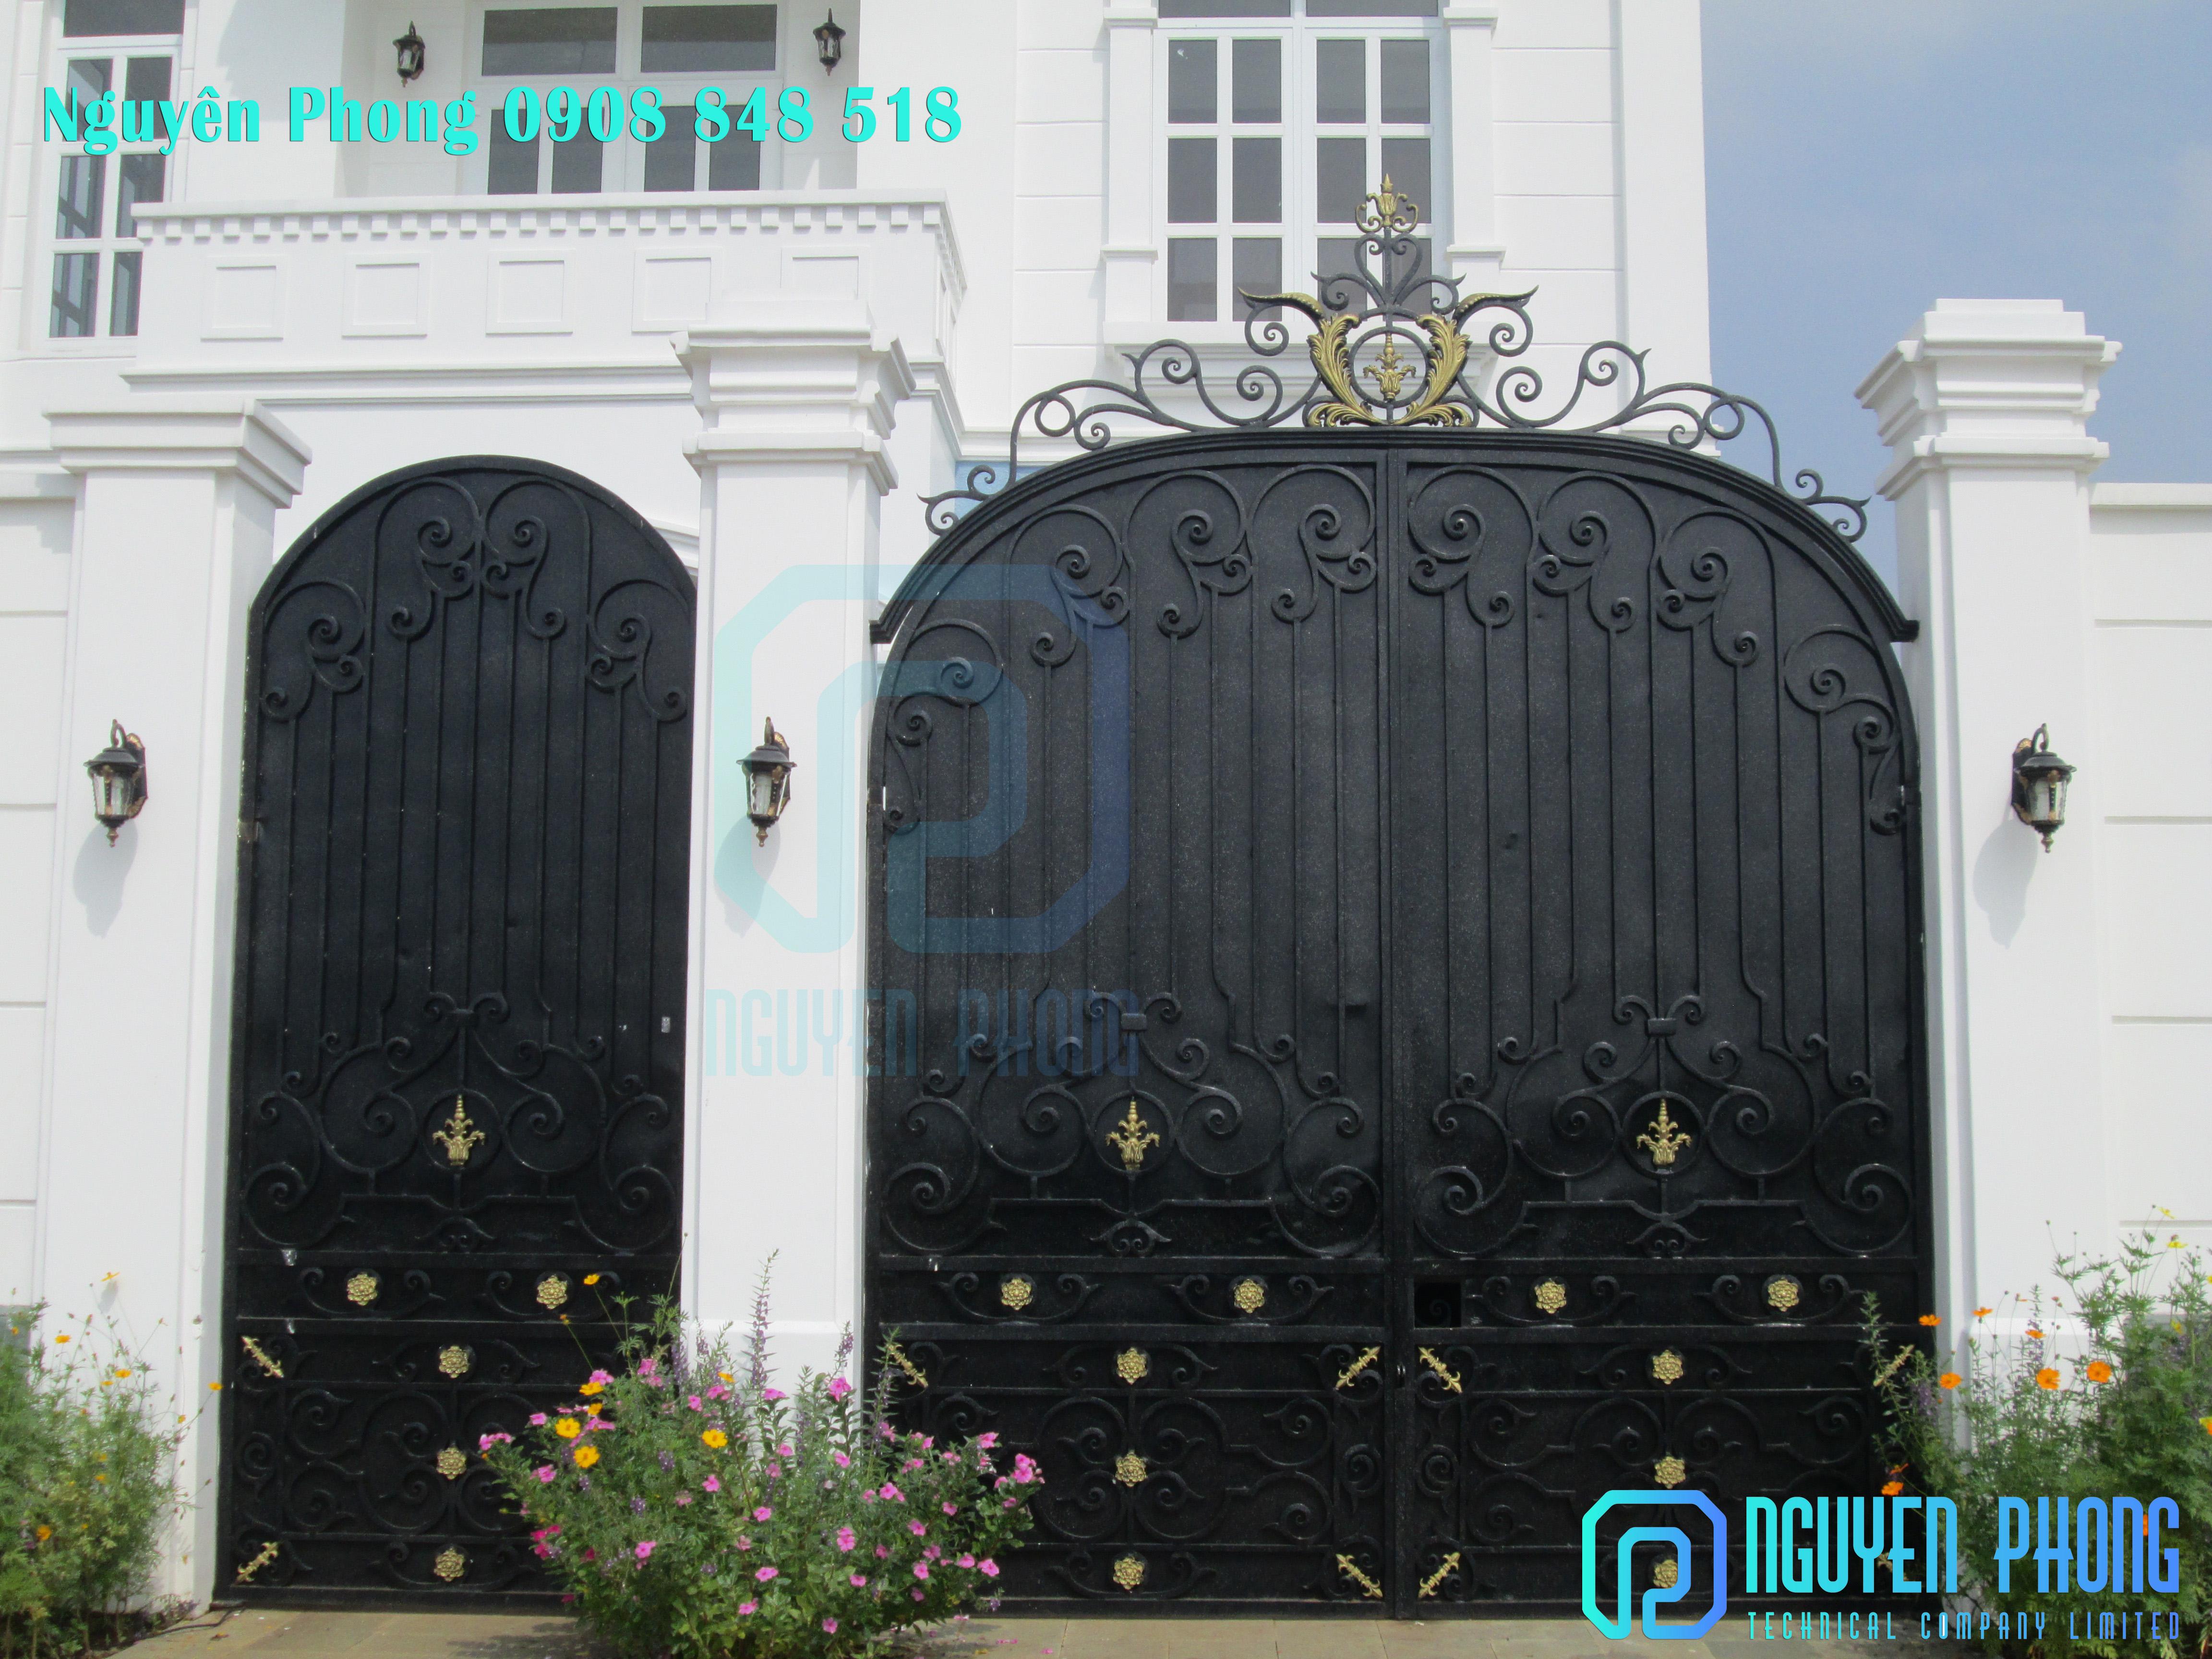 Cửa sắt, cổng sắt uốn nghệ thuật cho biệt thự, nhà phố cổ điển